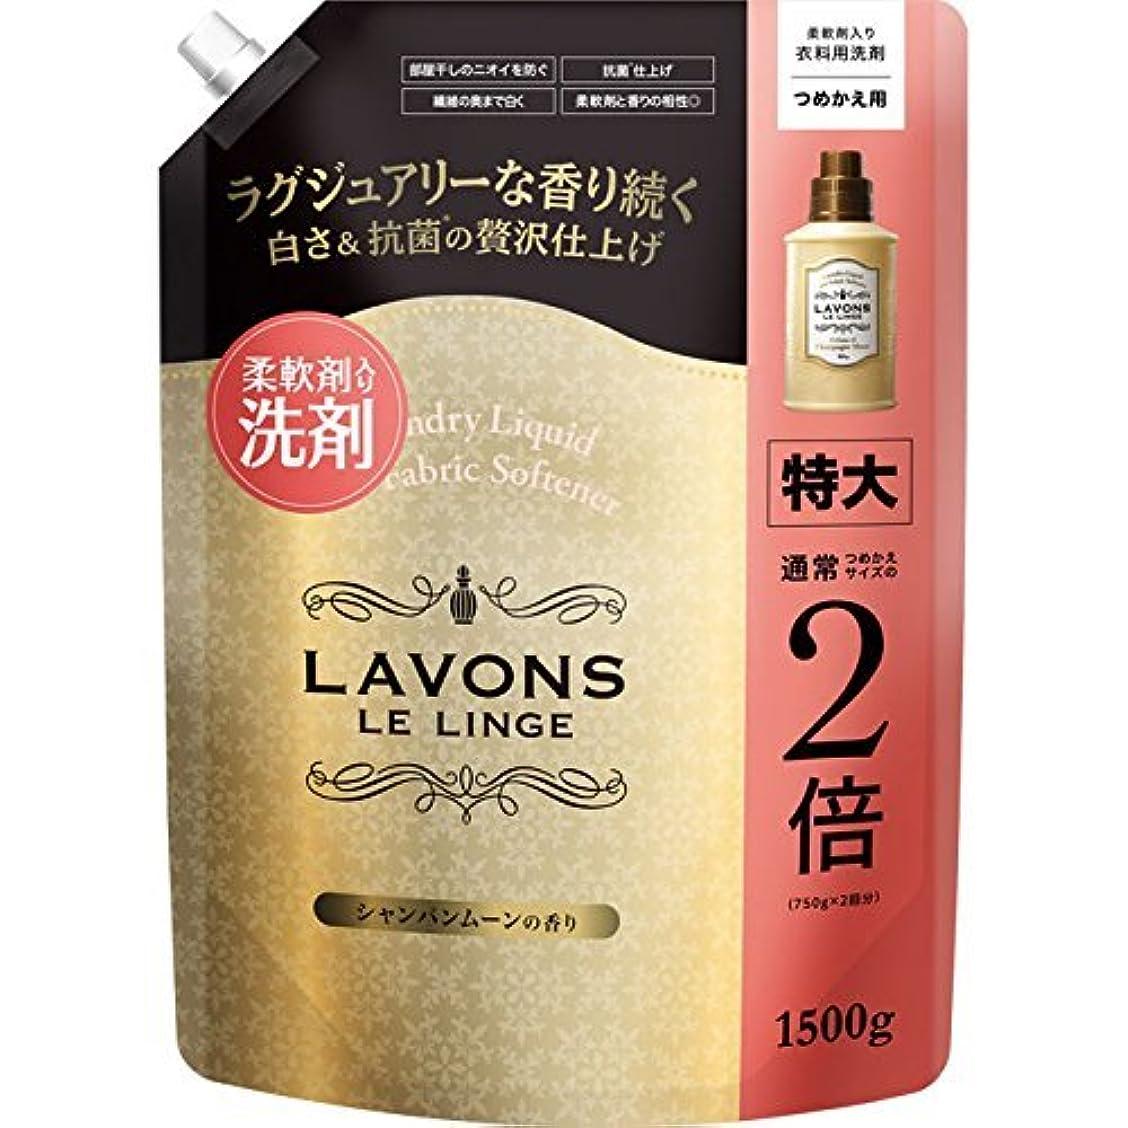 ラボン 柔軟剤入り 洗濯洗剤 特大 シャンパンムーン 詰め替え 1500g